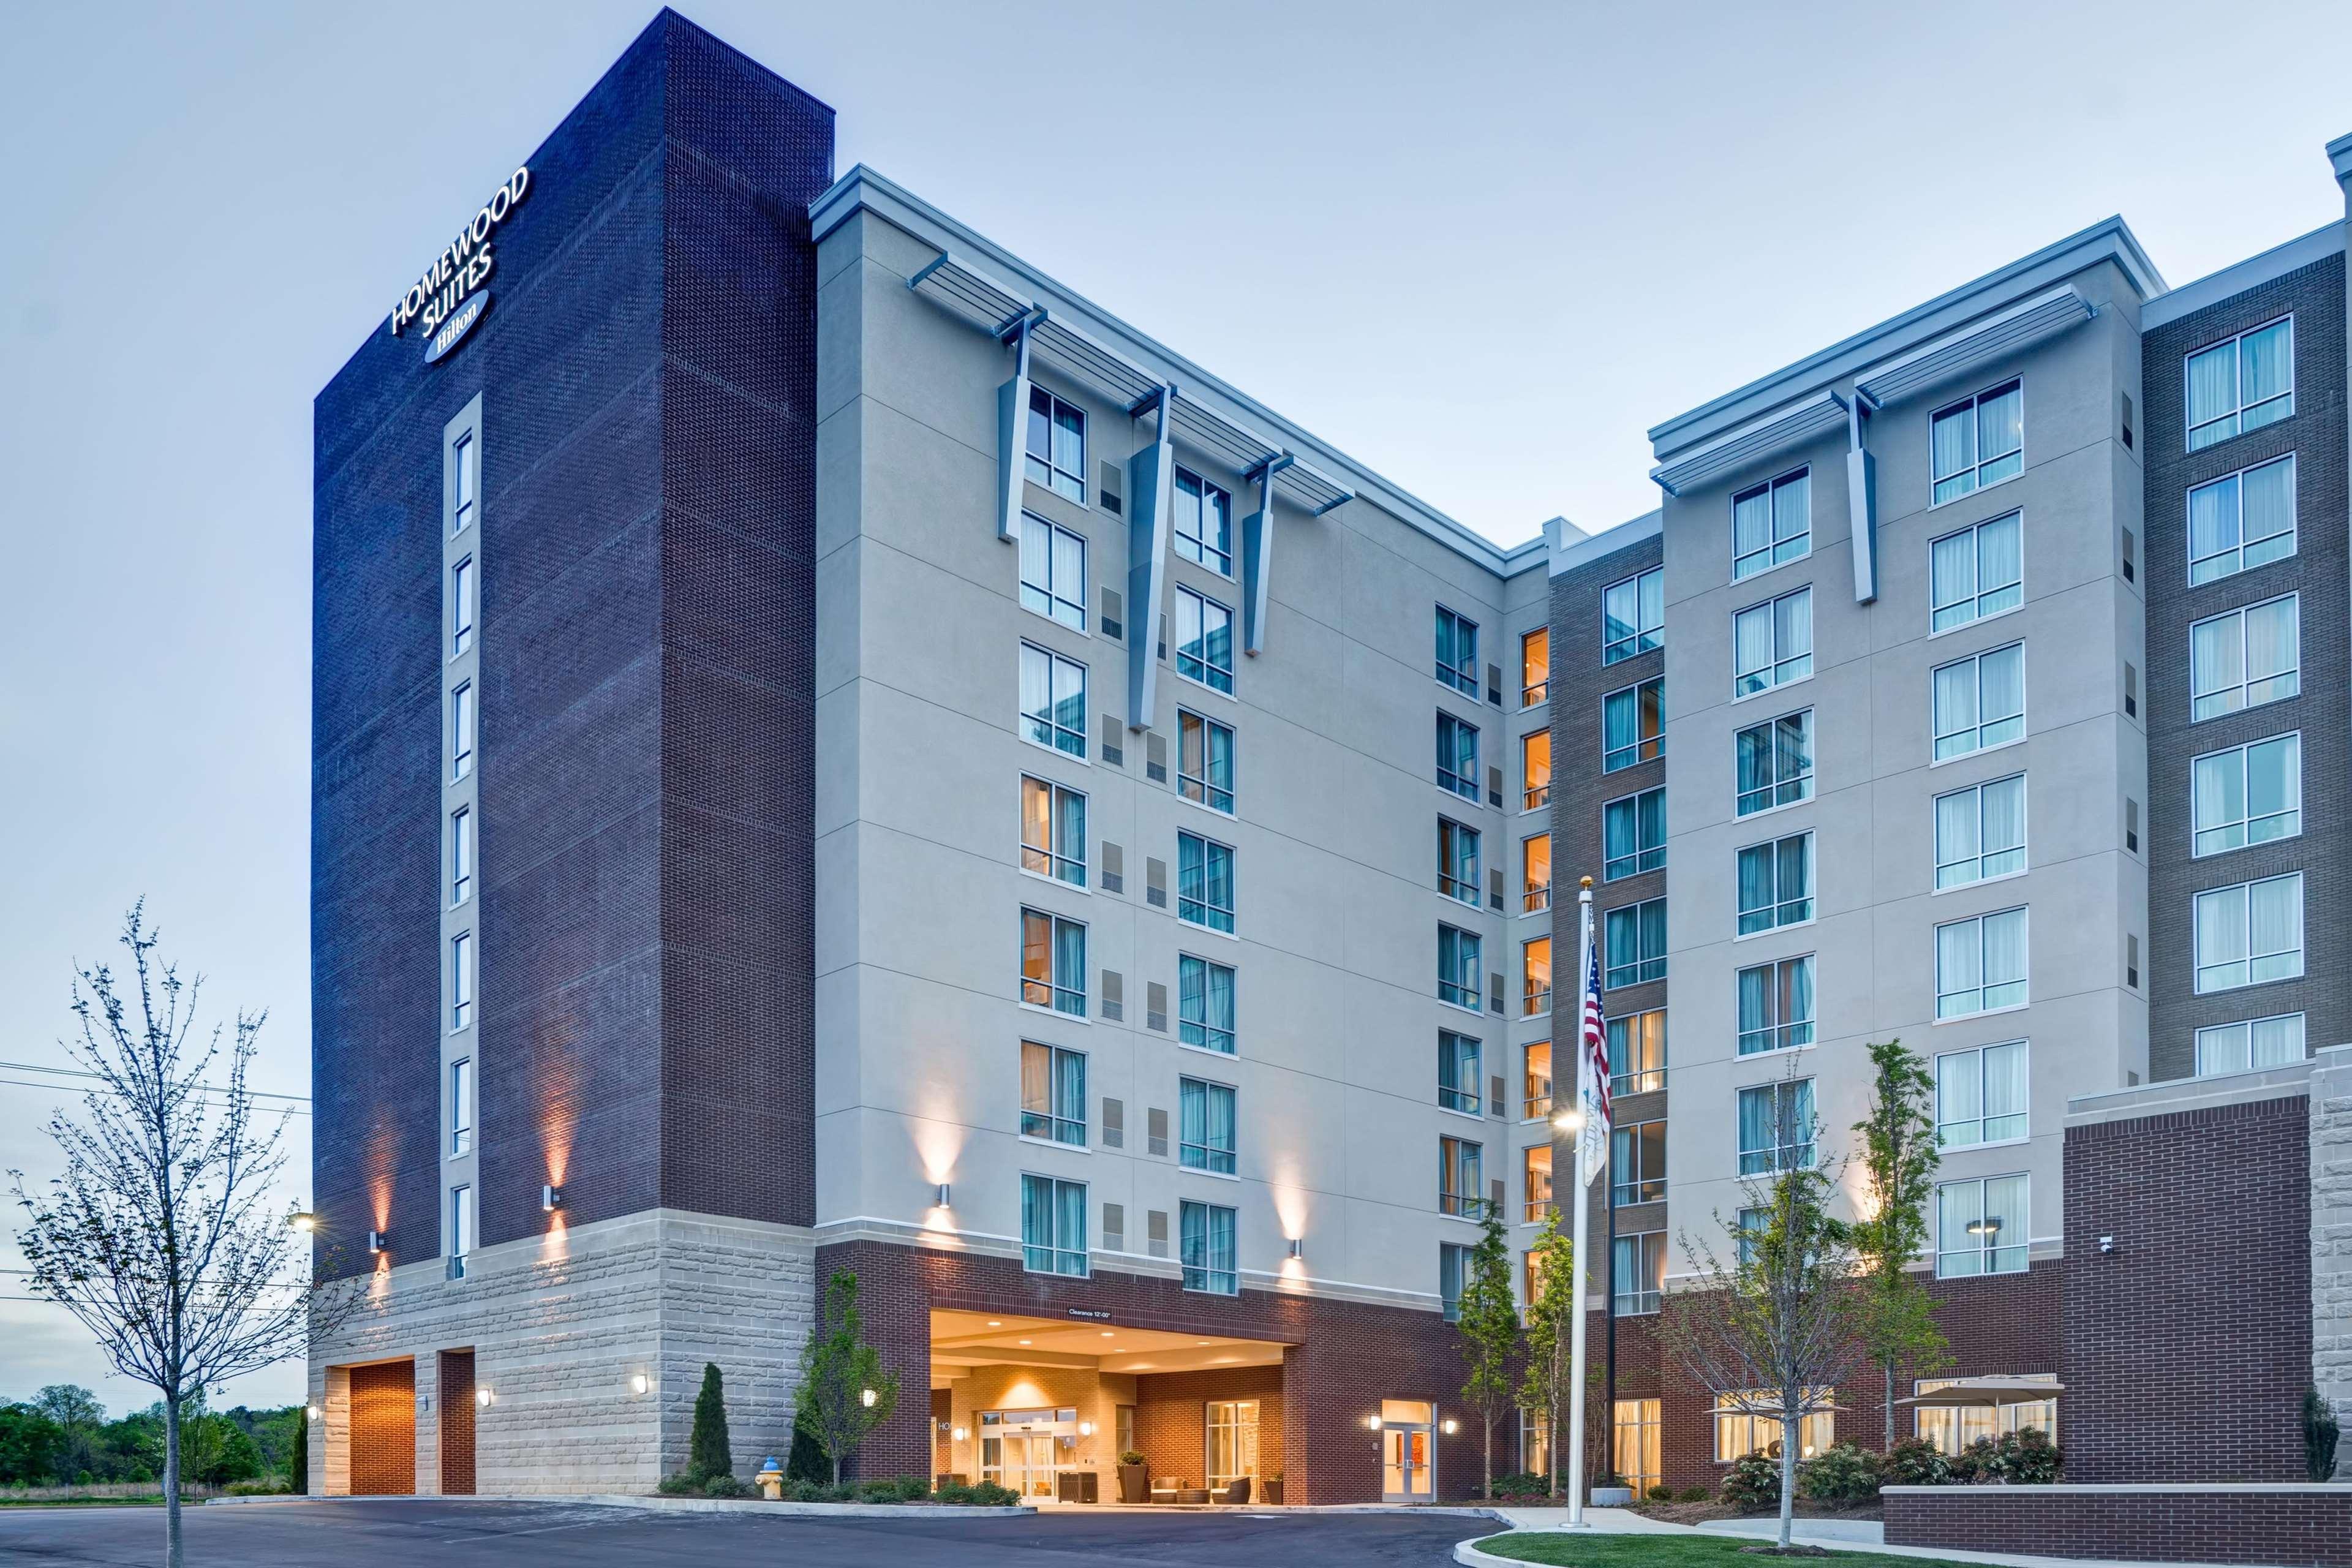 Homewood Suites by Hilton Nashville Franklin Cool Springs image 40